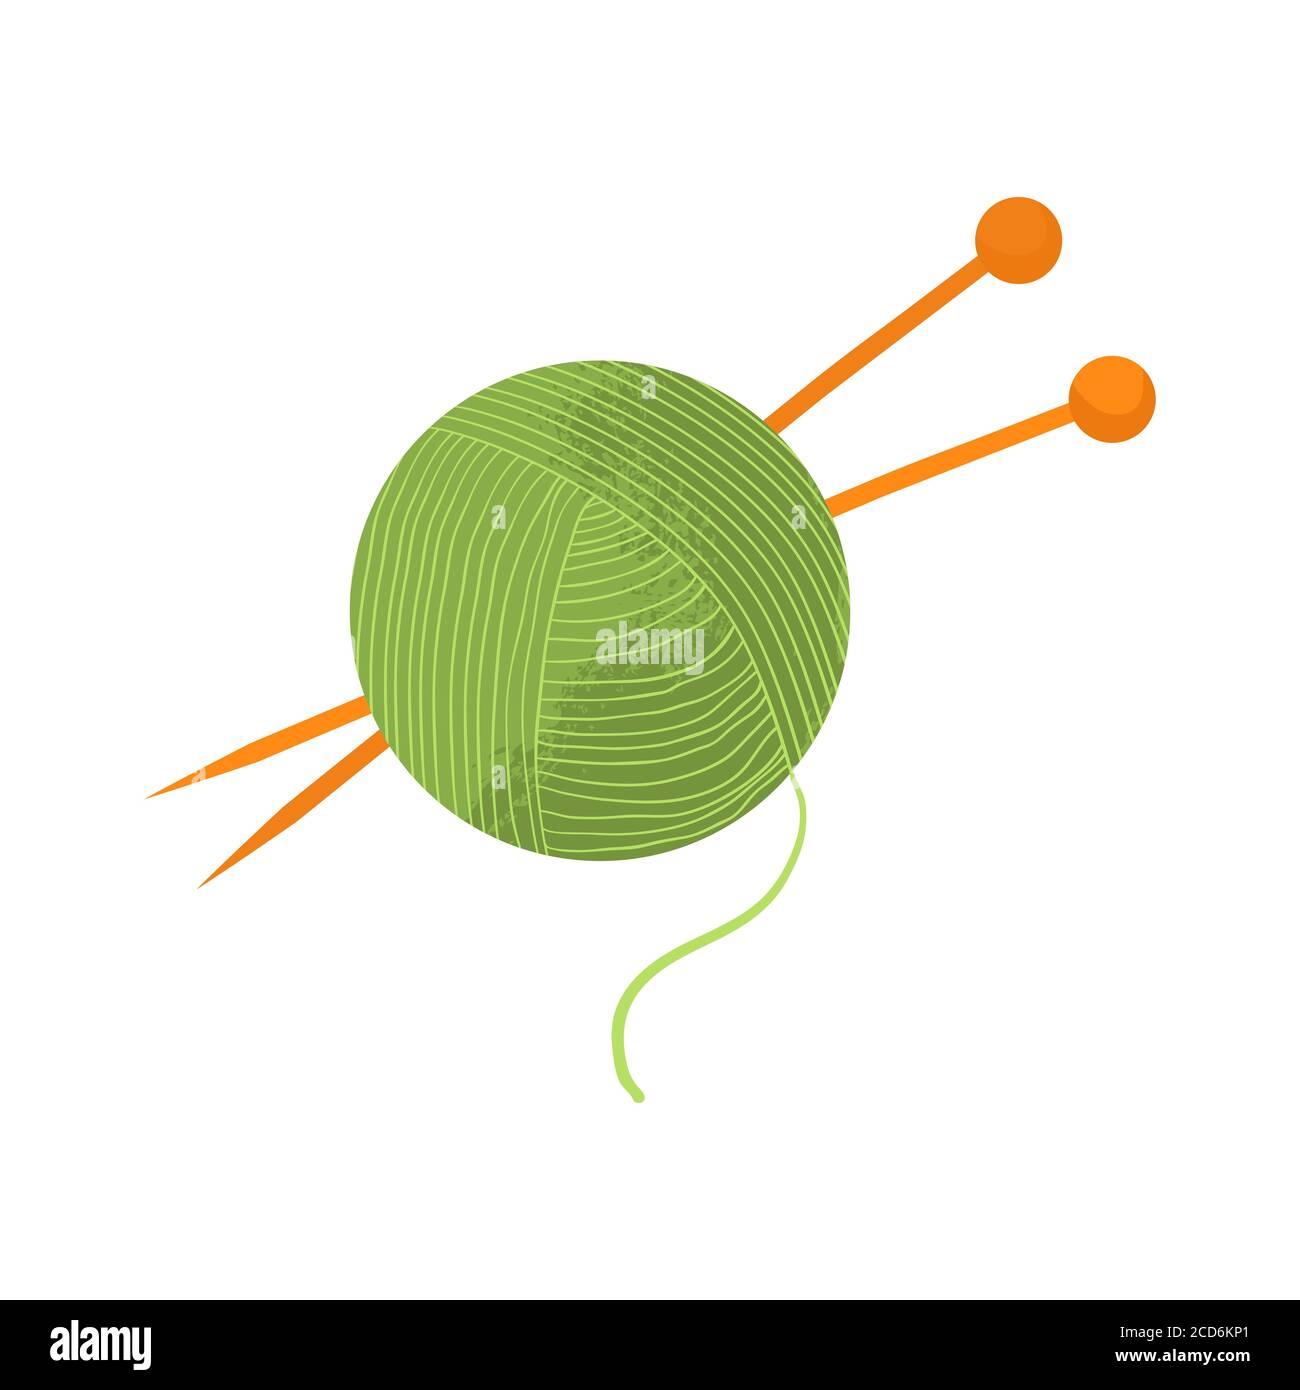 Boule de fil vert avec aiguilles à tricoter orange. Illustration vectorielle avec conception plate et texture, isolée sur fond blanc. Style dessins animés. Illustration de Vecteur